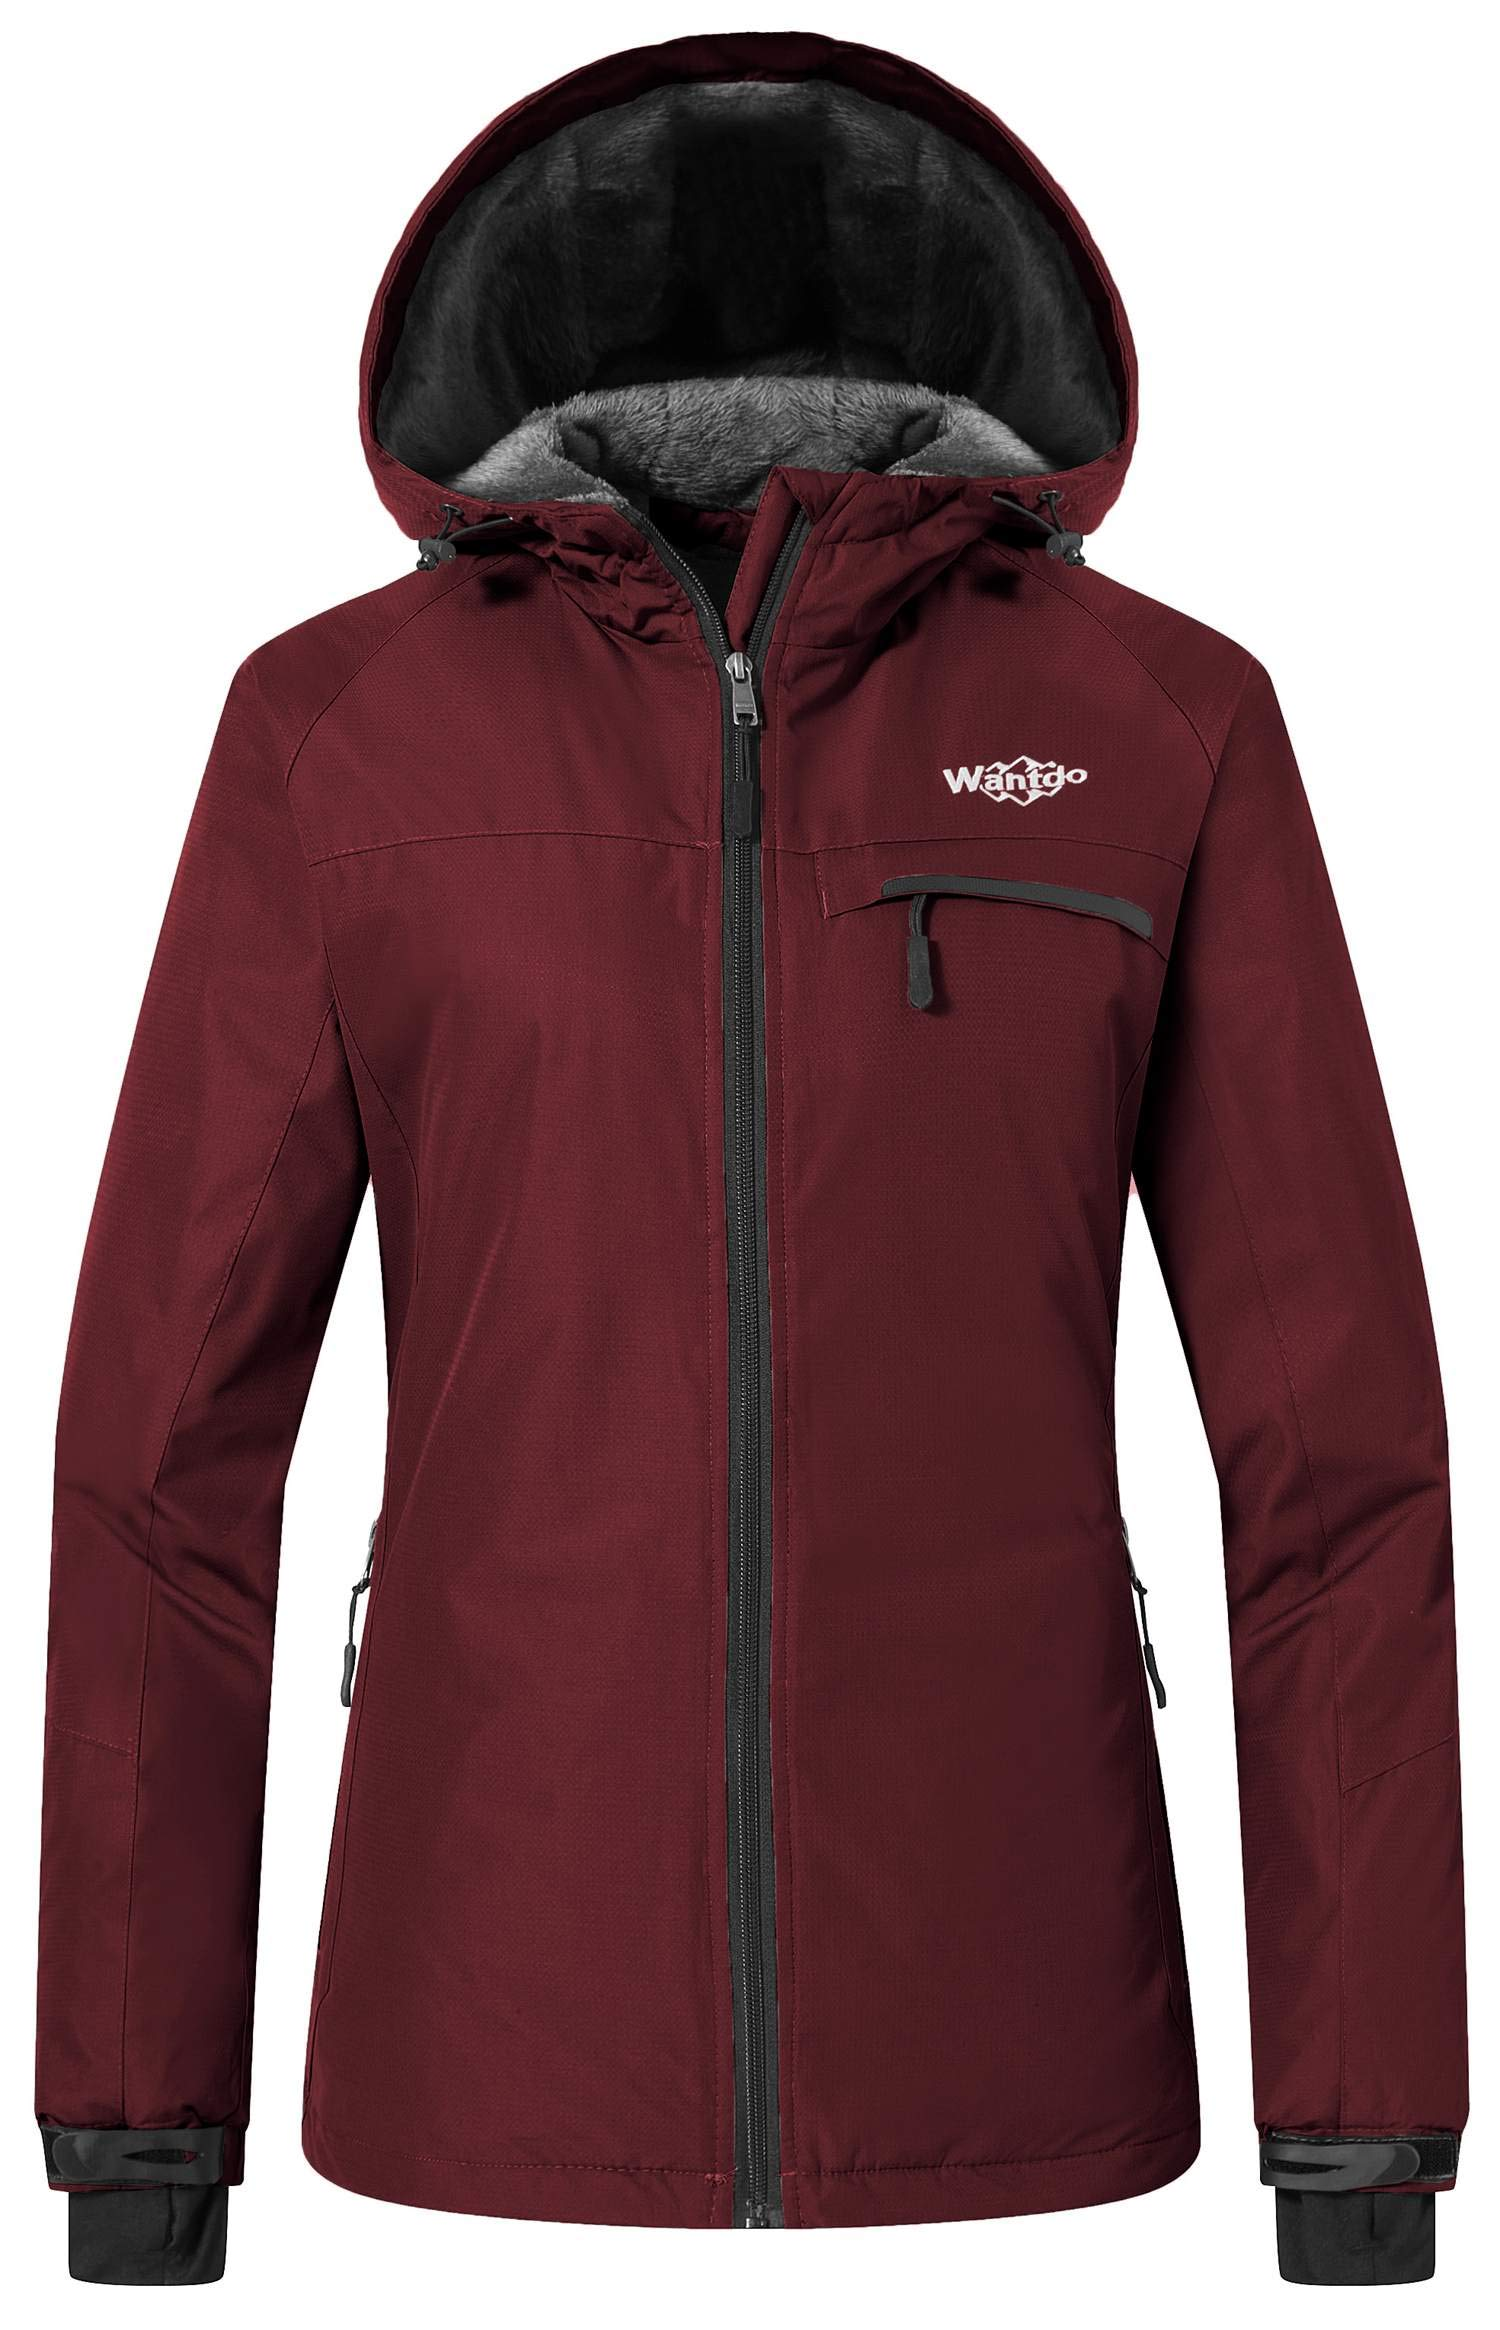 36dbcfc38d5 Wantdo Women s Mountain Ski Jacket Windproof Fleece Snow Coat Rainwear  Waterproof Hooded Warm Parka product image